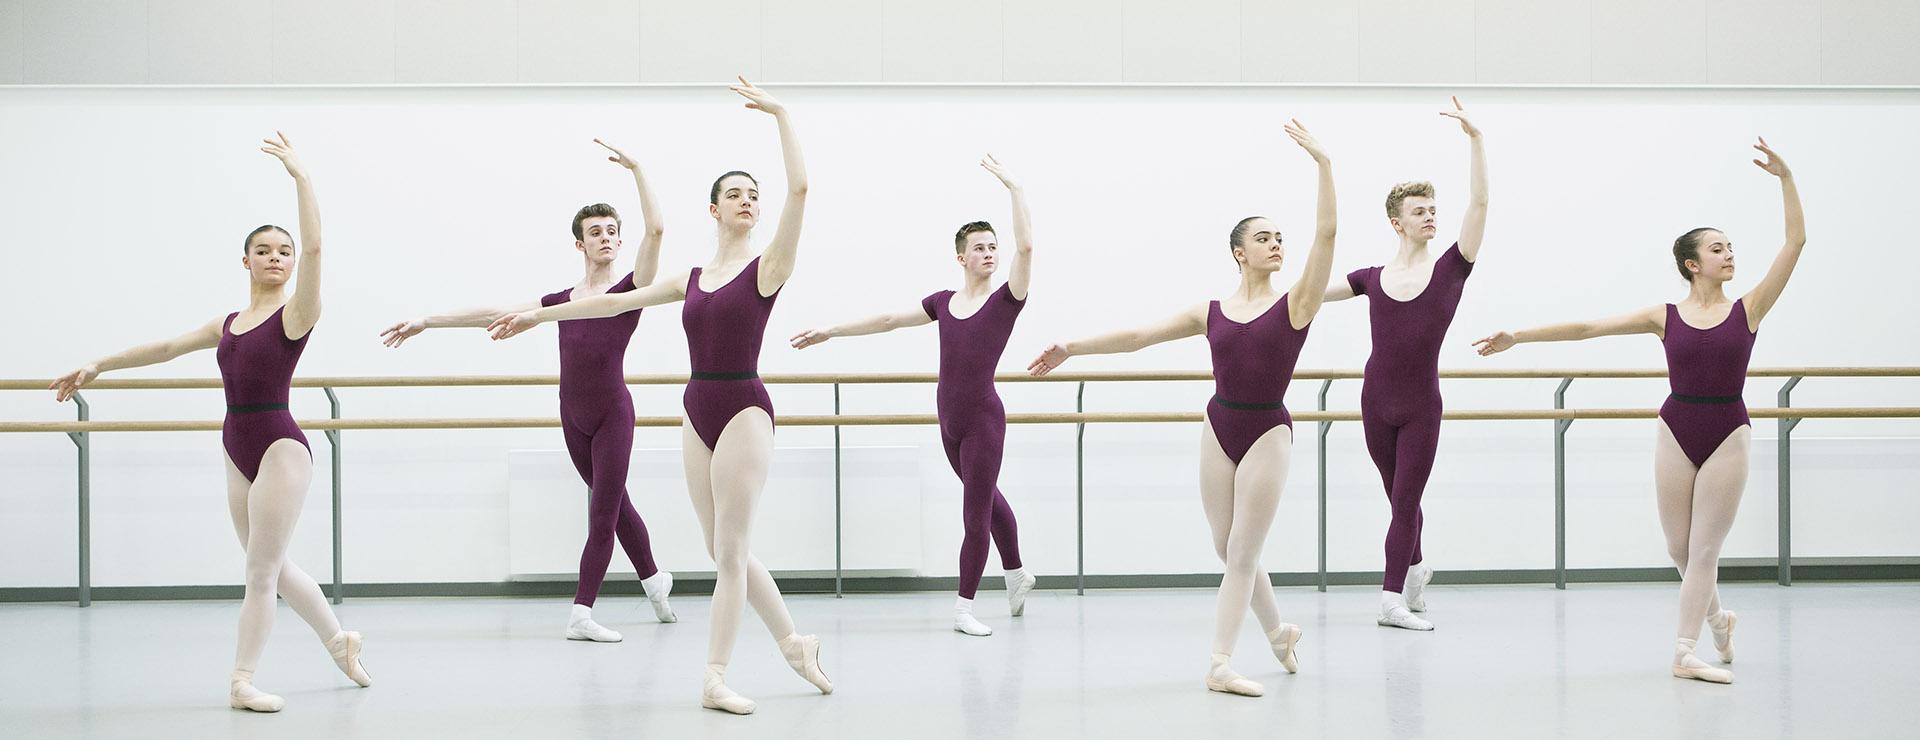 RAD Grade 4 Ballet Image